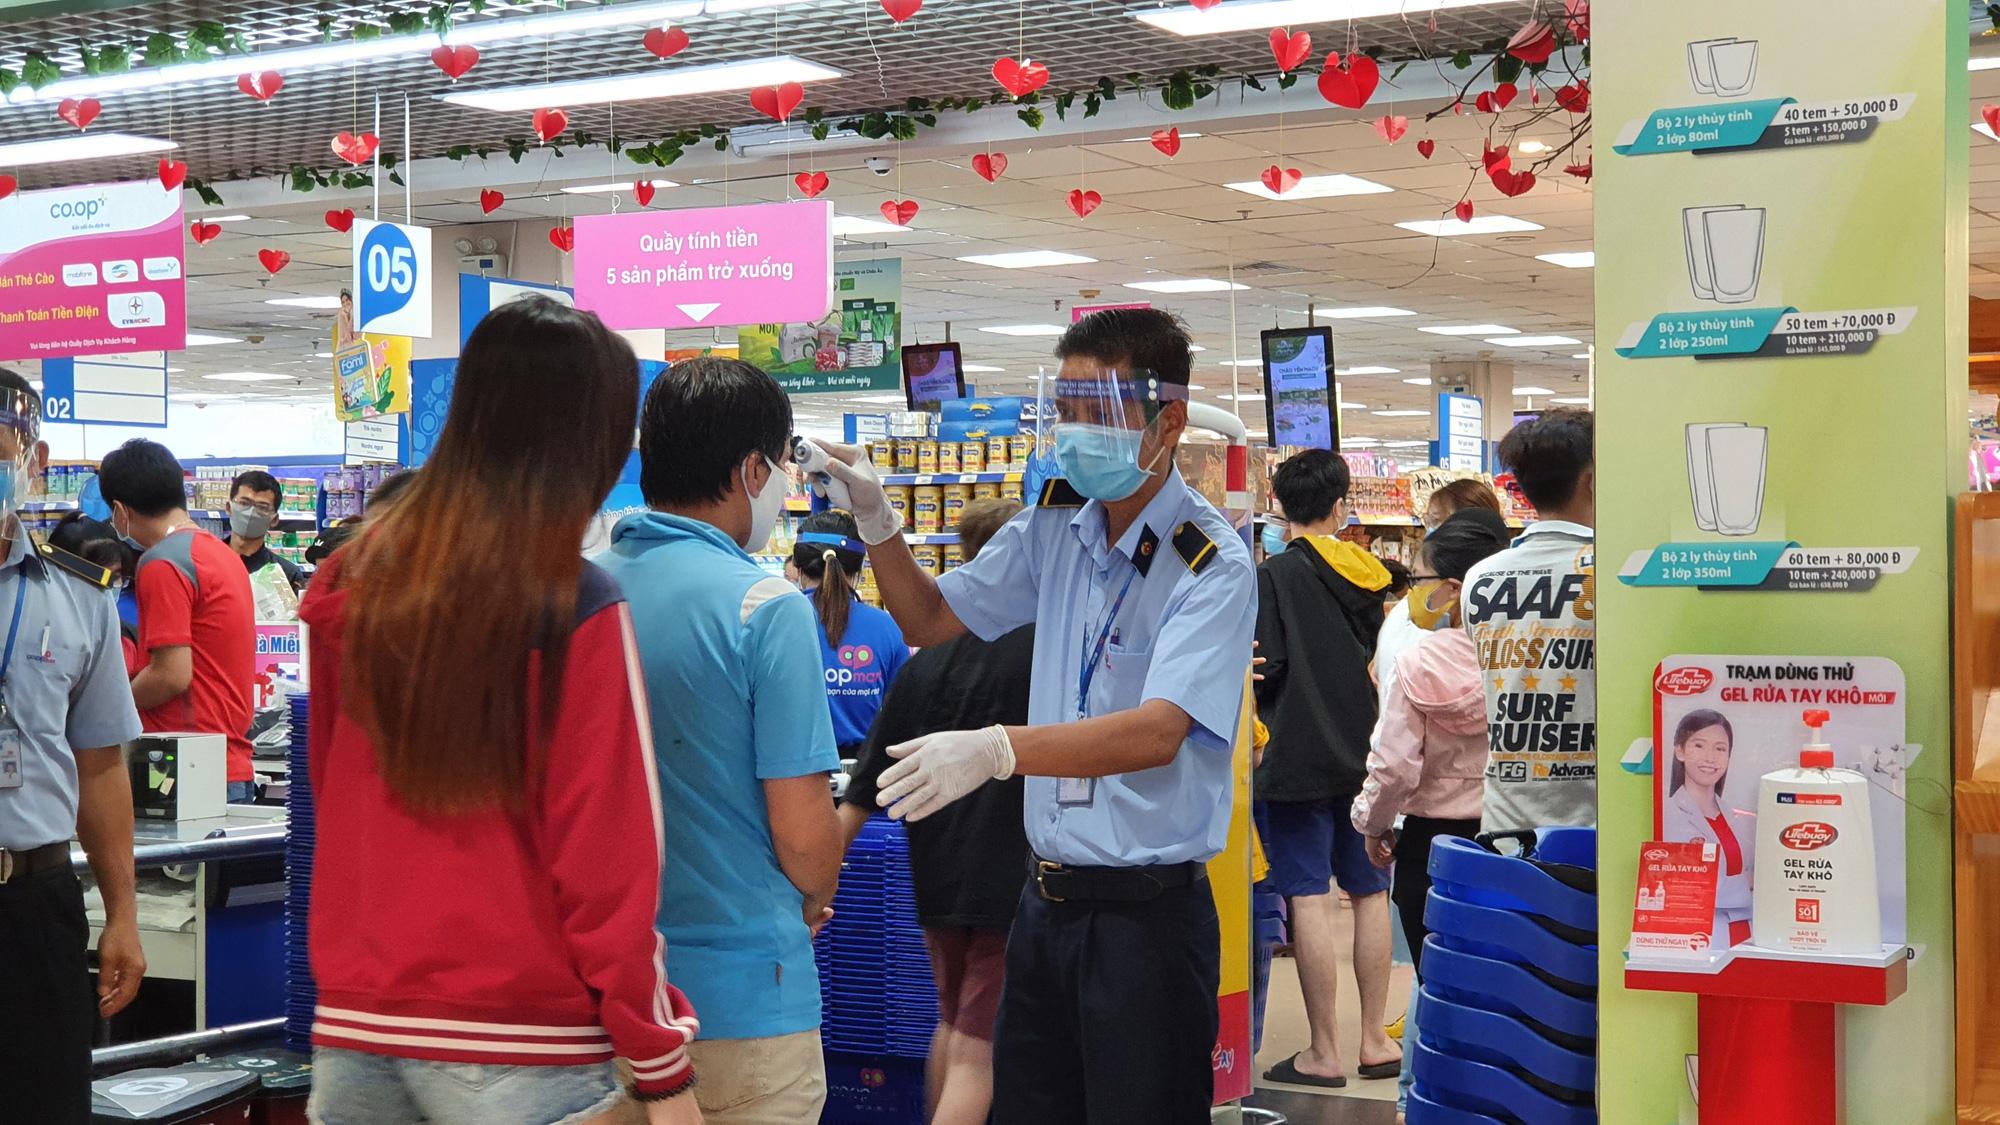 Sợ siêu thị đóng cửa, bị rủ rê… người Sài gòn kéo nhau đi mua đồ về trữ cho 14 ngày cách li xã hội - Ảnh 2.